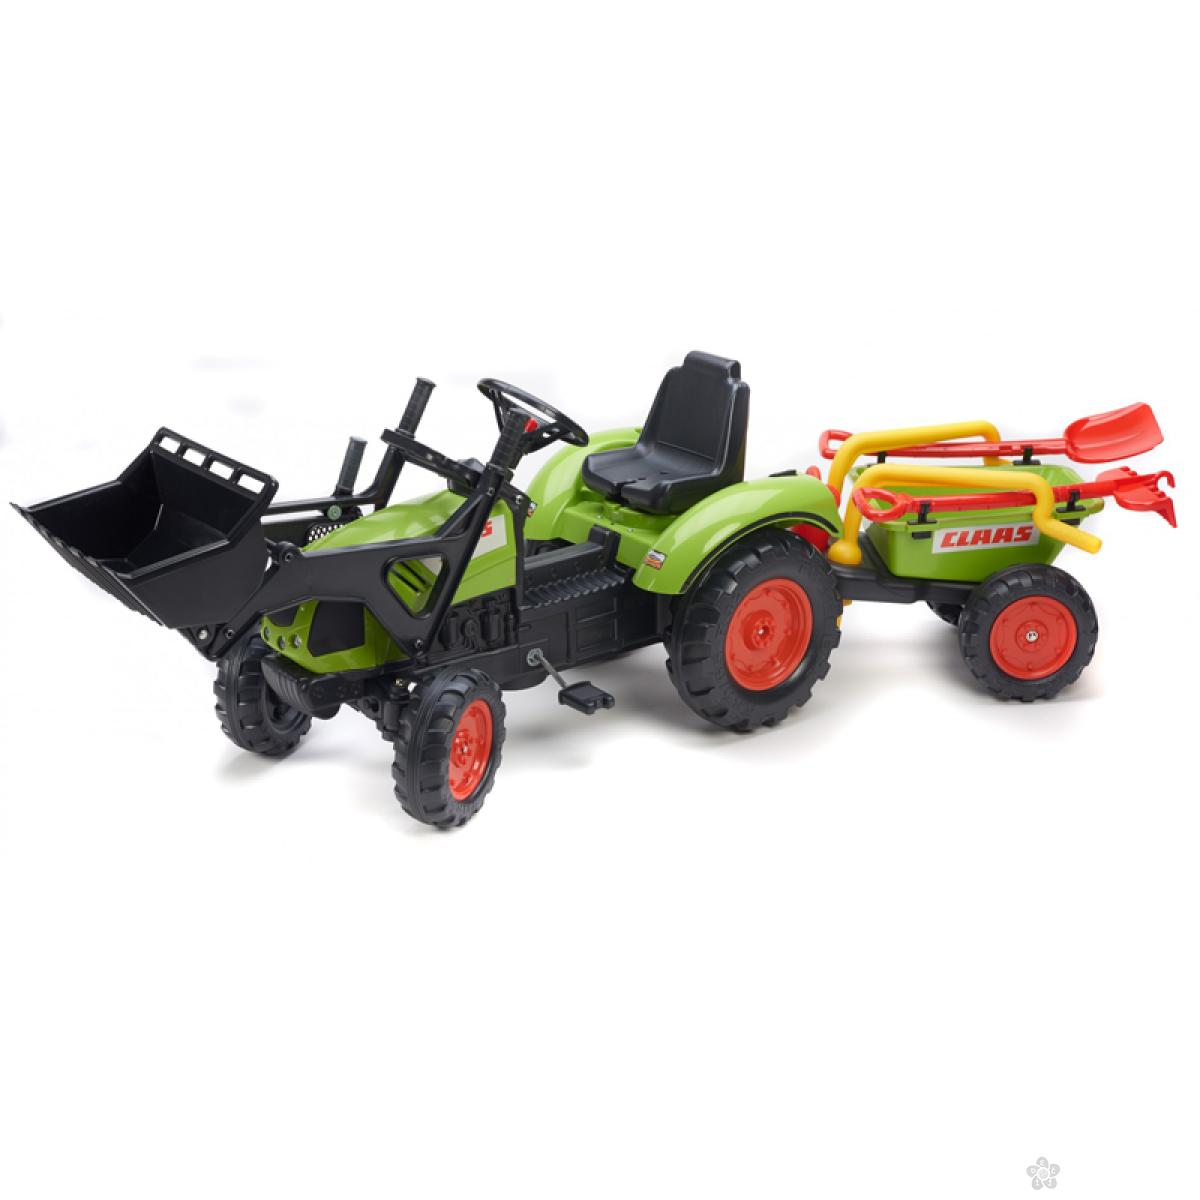 Guralica Falk Traktor Claas Arion sa prikolicom 1041rm